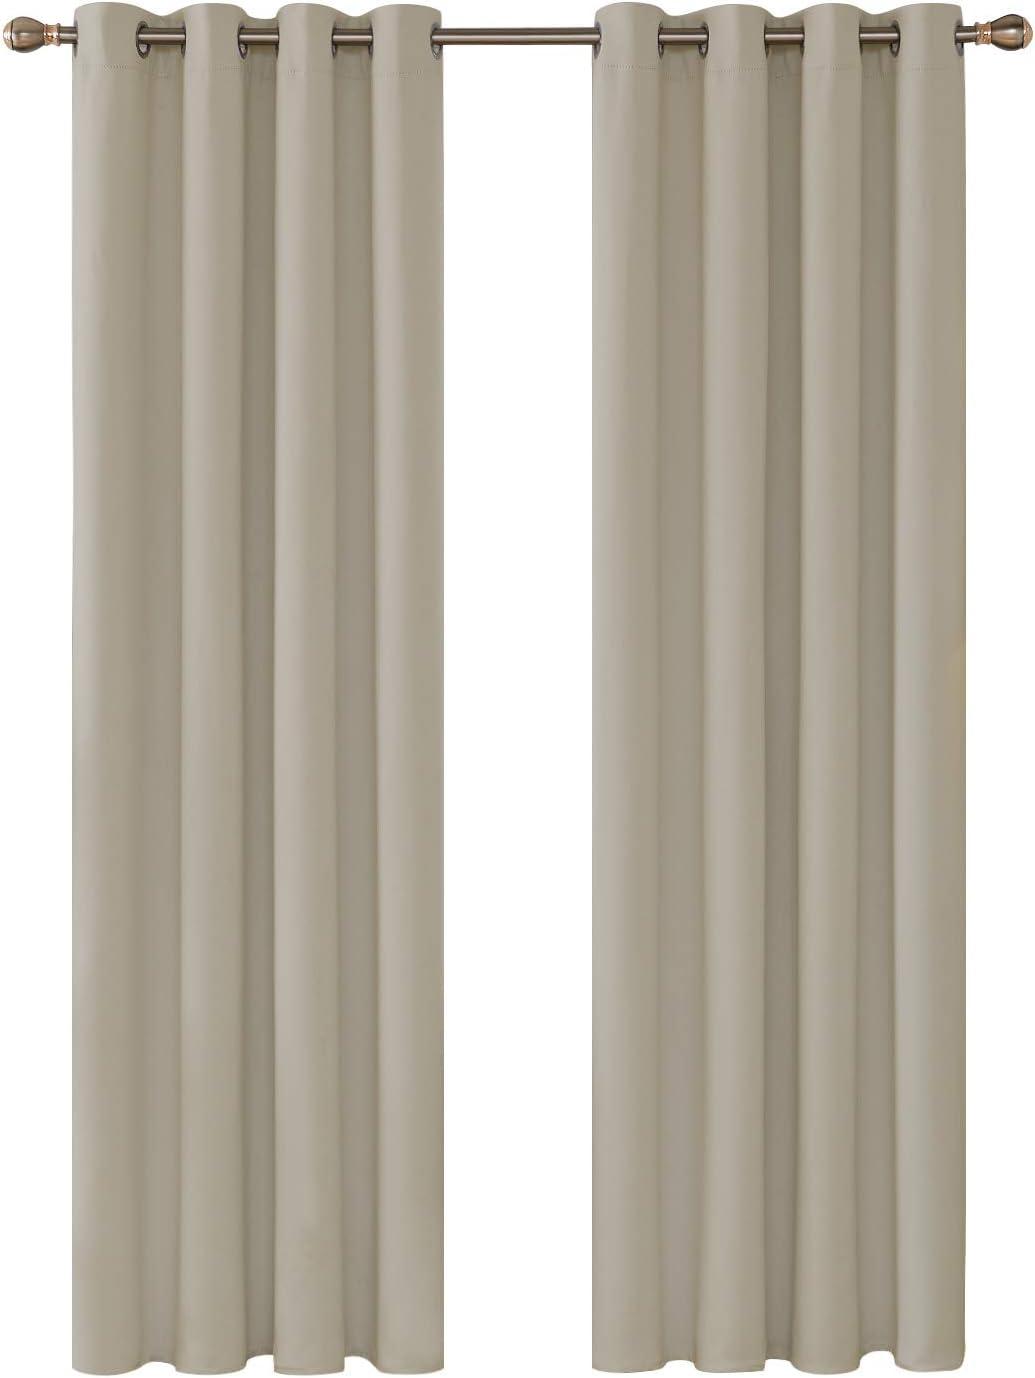 Deconovo Cortina Opaca de Salón Térmica Aislante y Ruido para Ventanas con Ojales 2 Piezas 135 x 240 cm Beige Oscuro